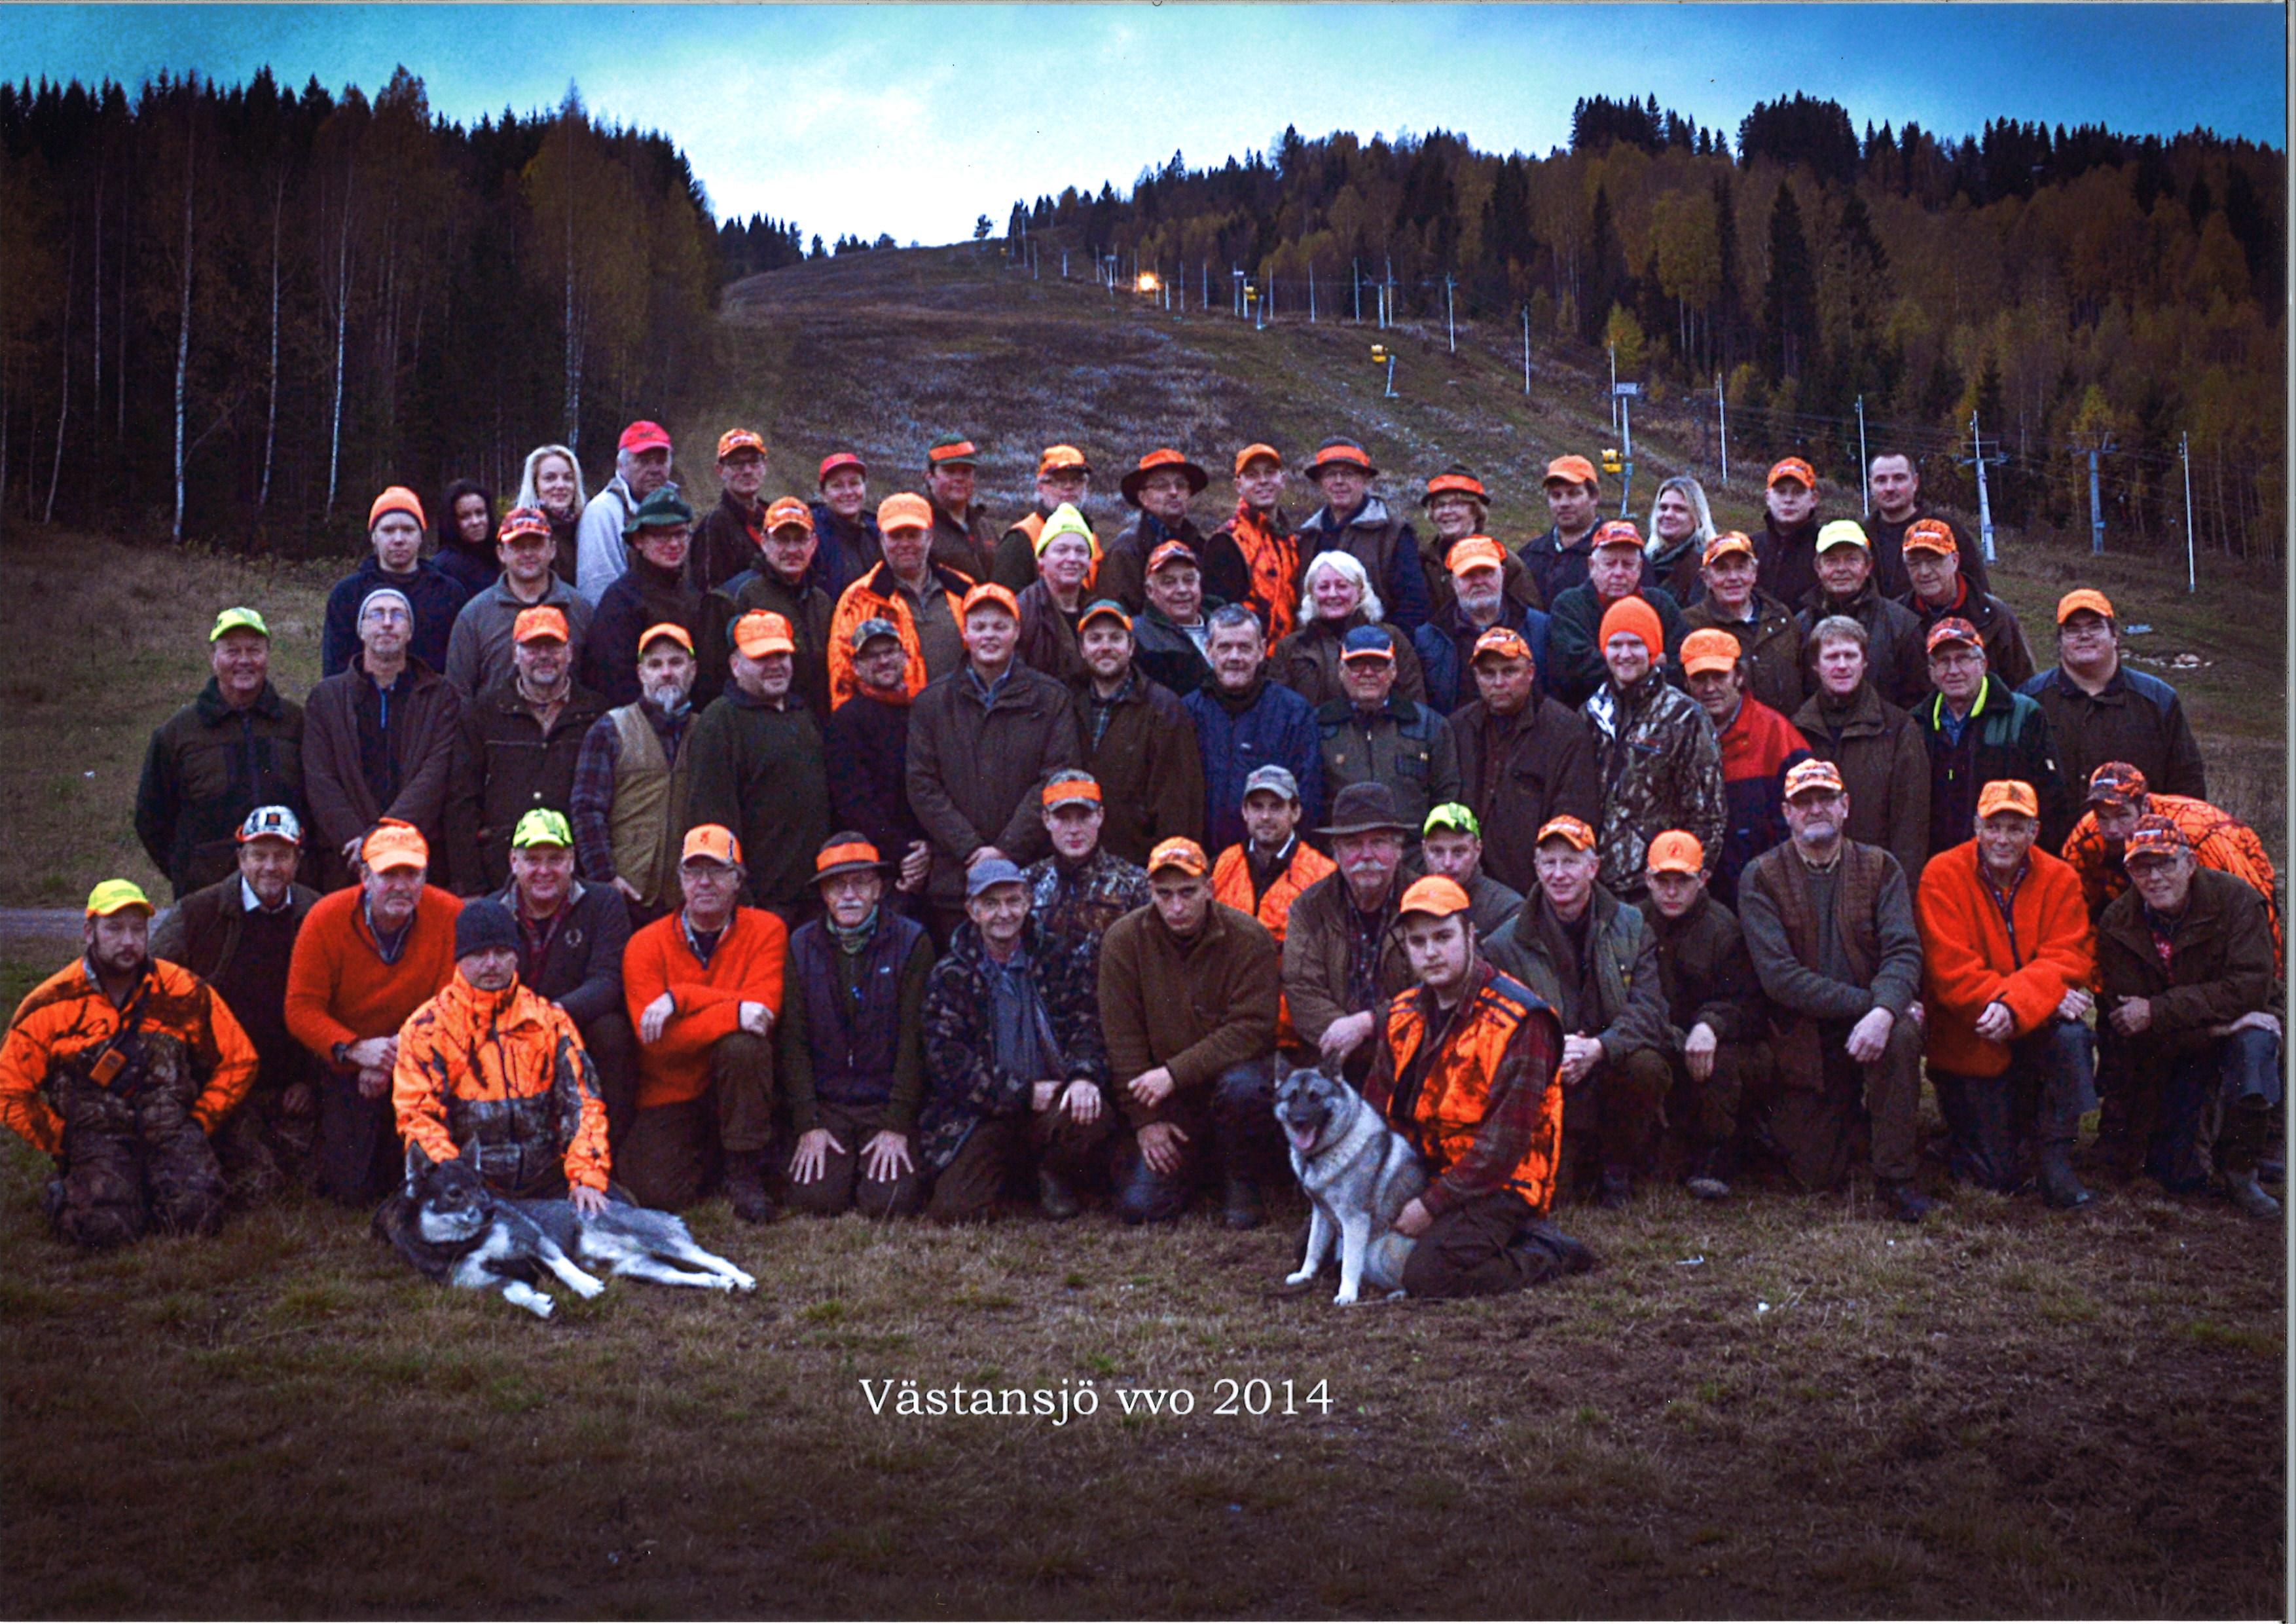 vastansja-vvo-2014